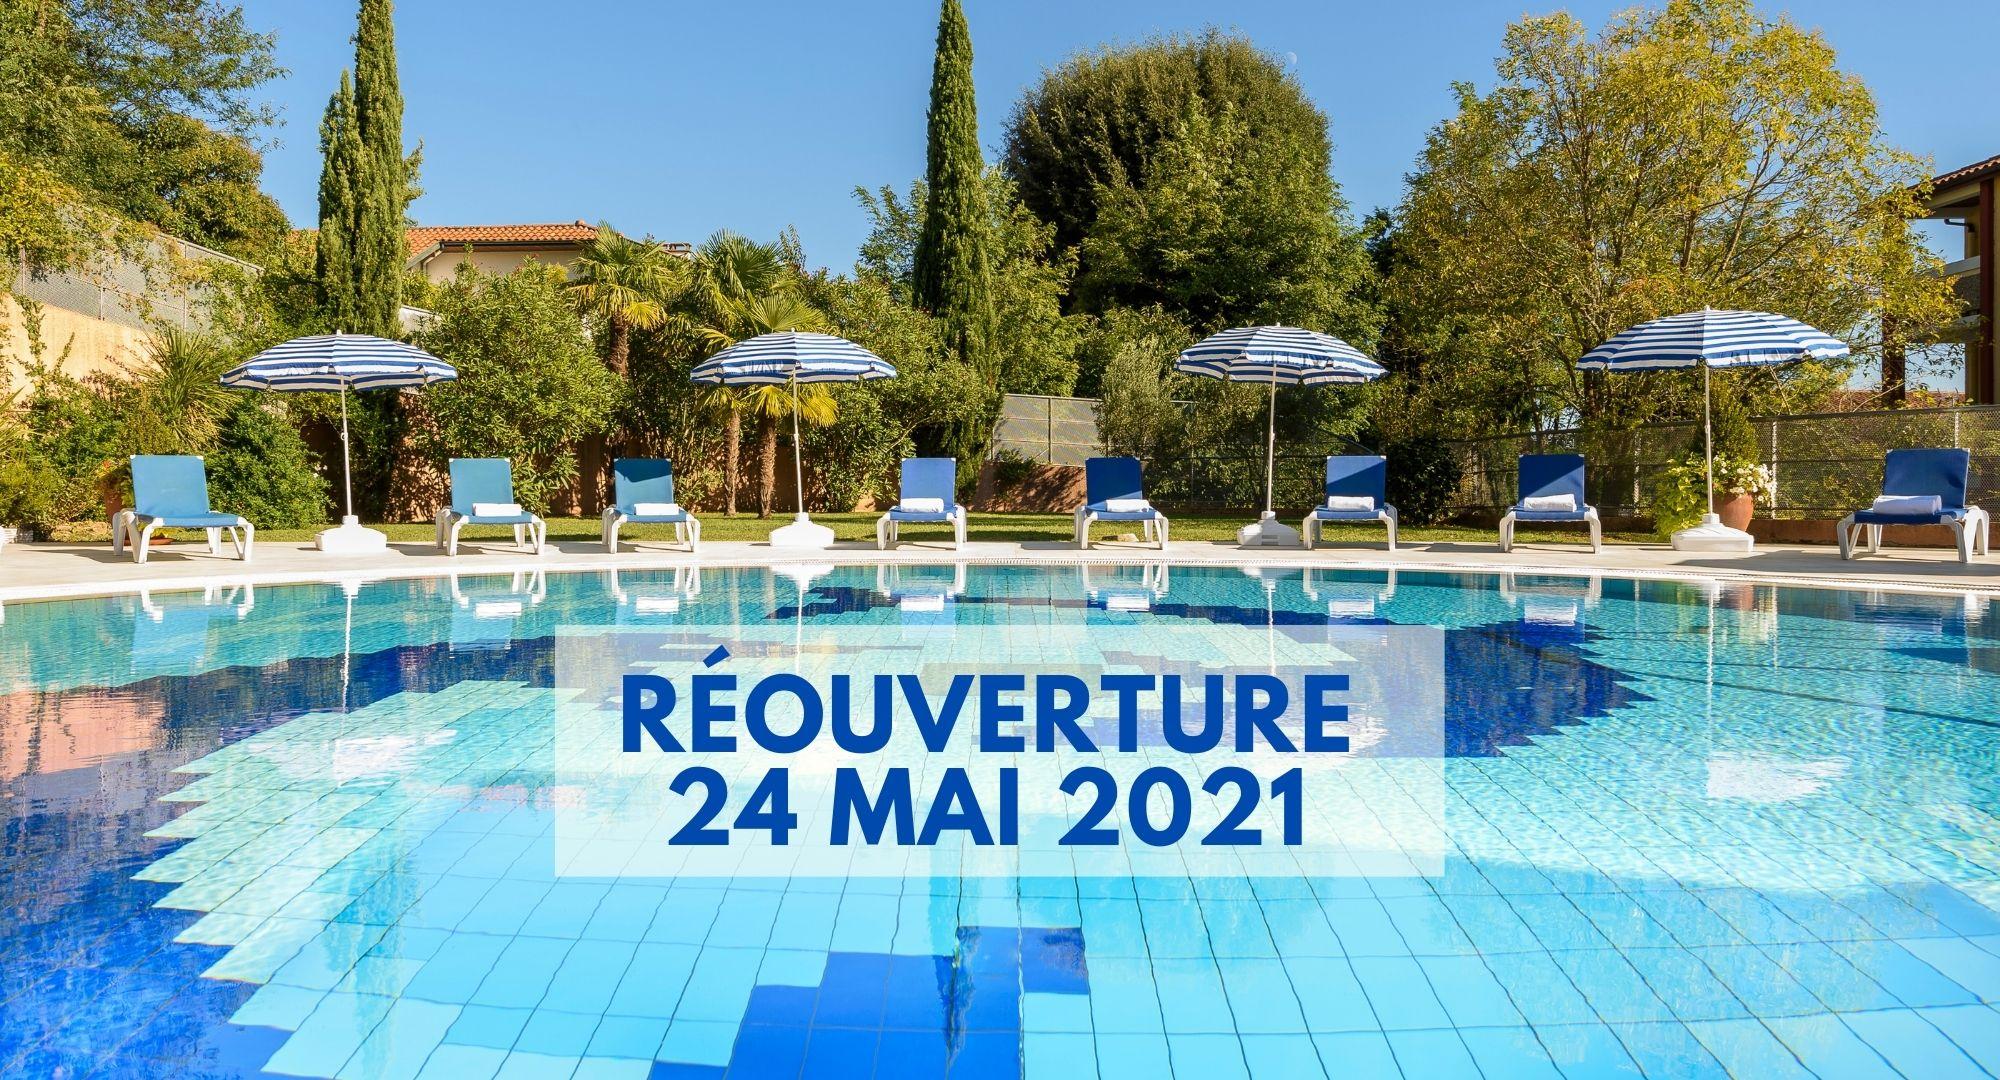 réouverture 24 mai 2021 (1)